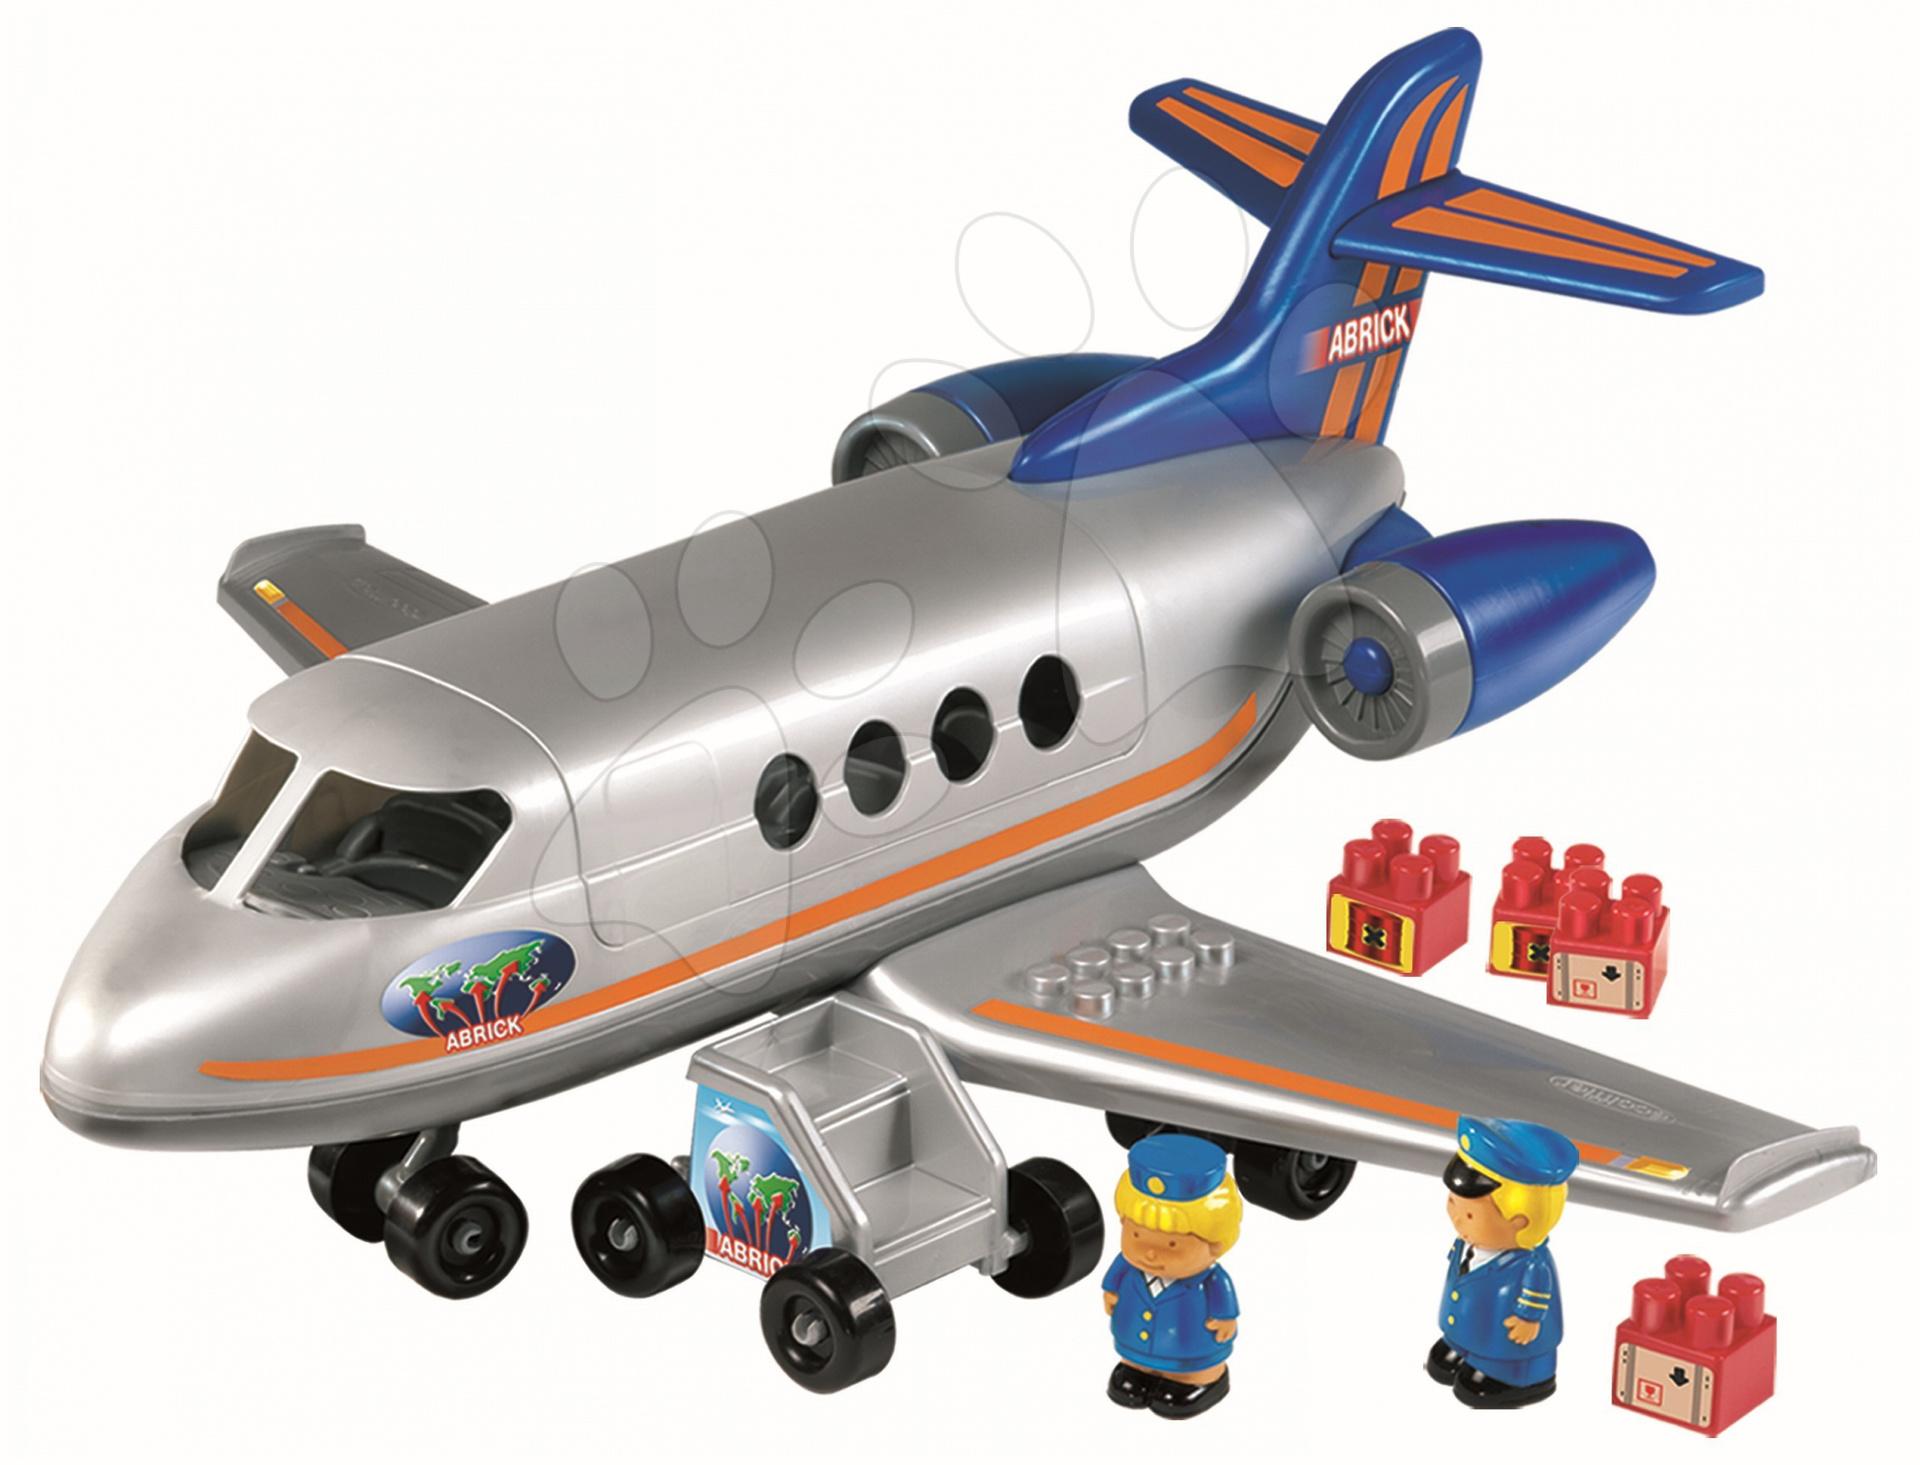 Stavebnice Abrick dopravní letadlo Écoiffier od 18 měsíců